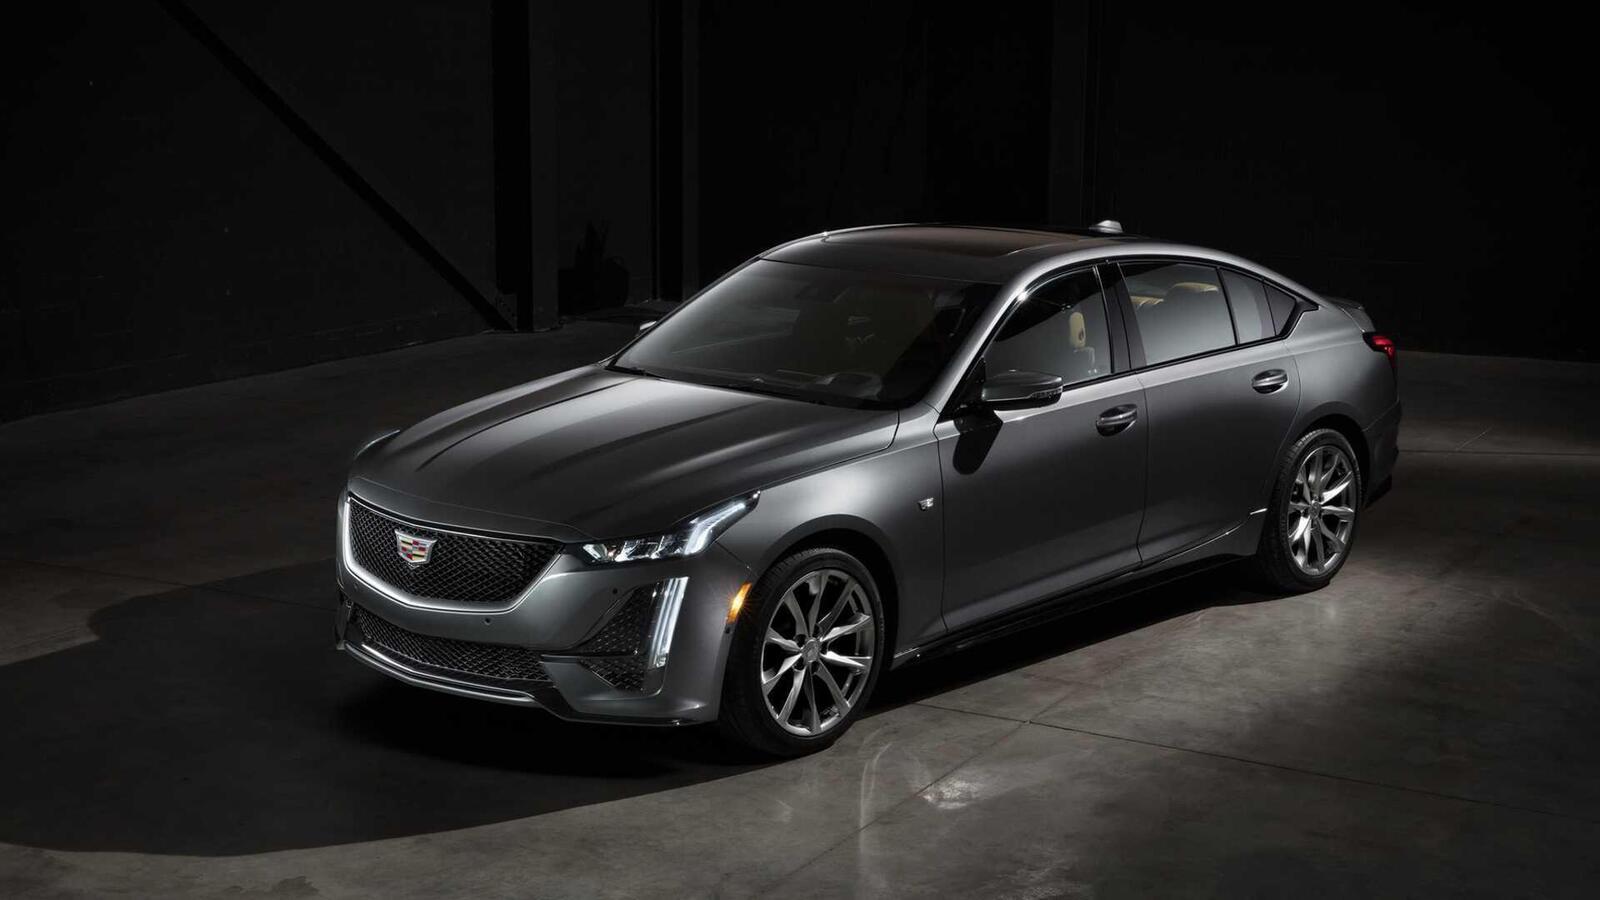 Xem trước sedan Cadillac CT5 hoàn toàn mới trước ngày ra mắt: kẻ thay thế  CTS - Hình 5